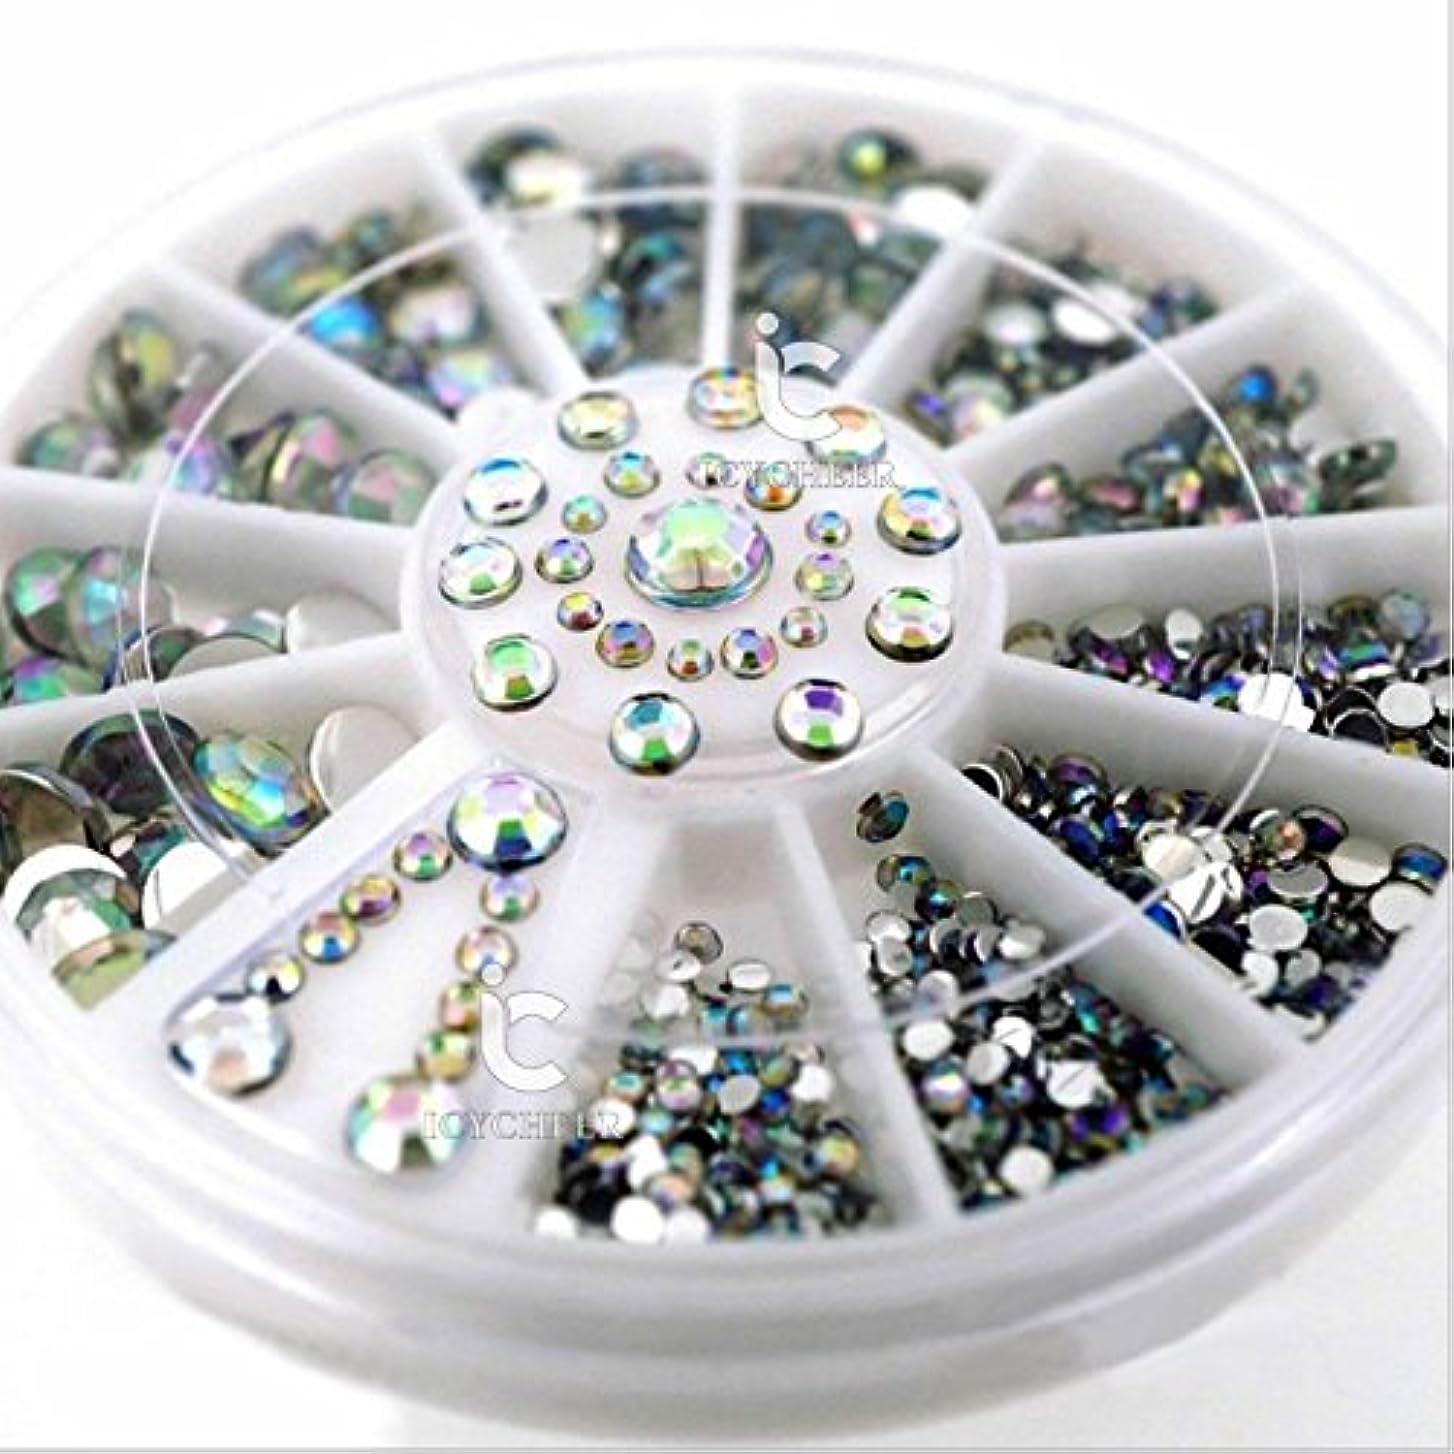 サイレン蜂耳ICYCHEERミックスサイズ3DネイルABラインストーンの宝石クリスタル3Dネイルアートデコレーションホイールマニキュア